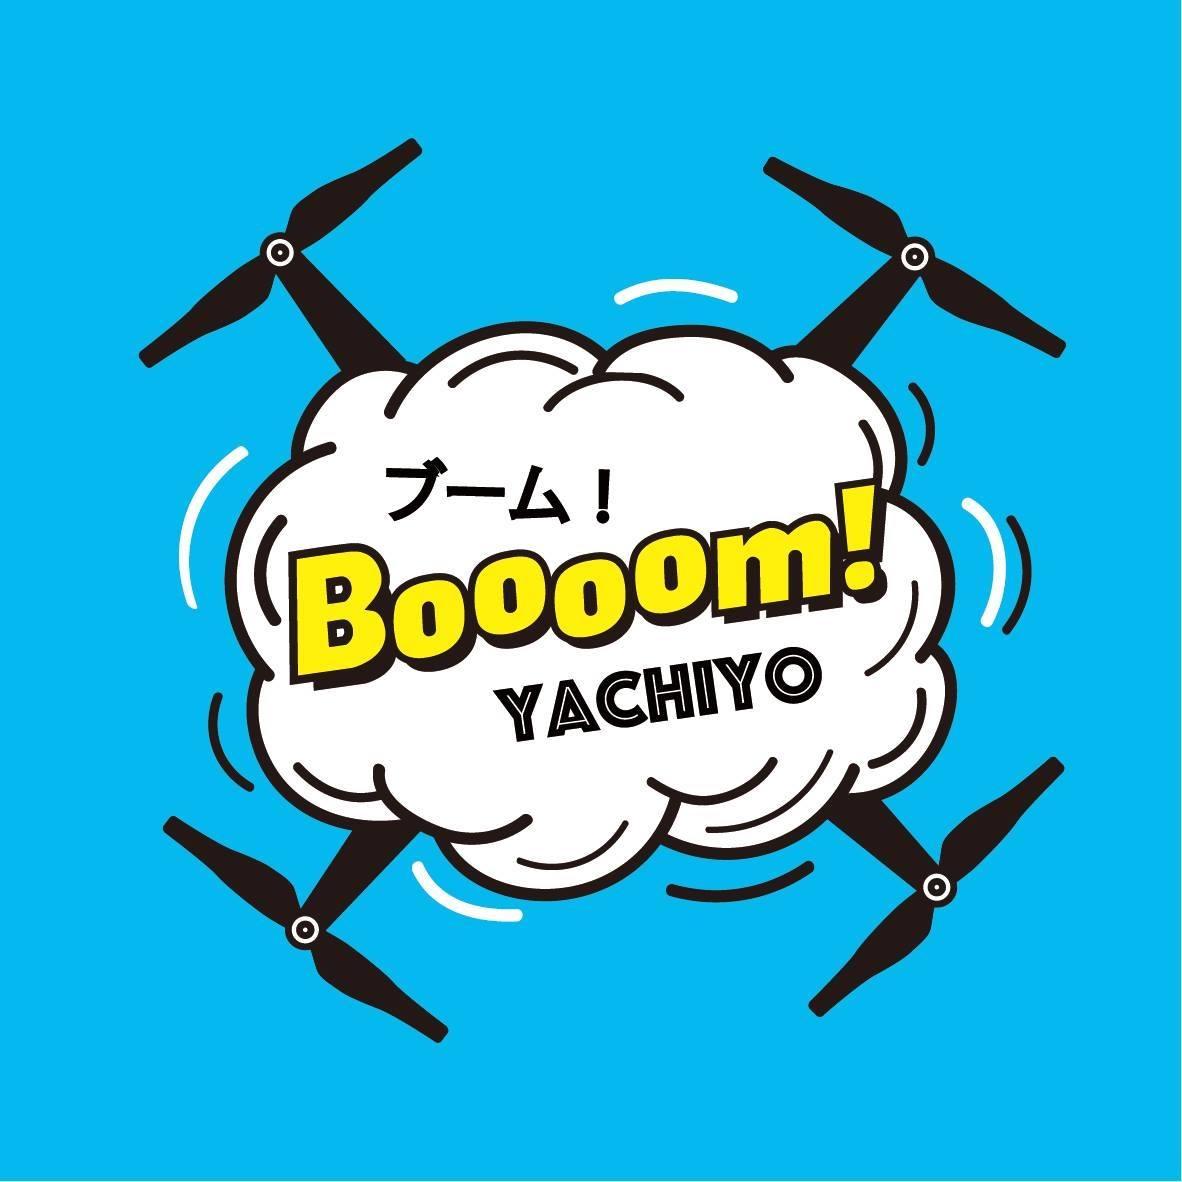 ドローン×縁日!8/25(土)・26(日)ドローンとアートの祭典「Boooom!YACHIYO」開催